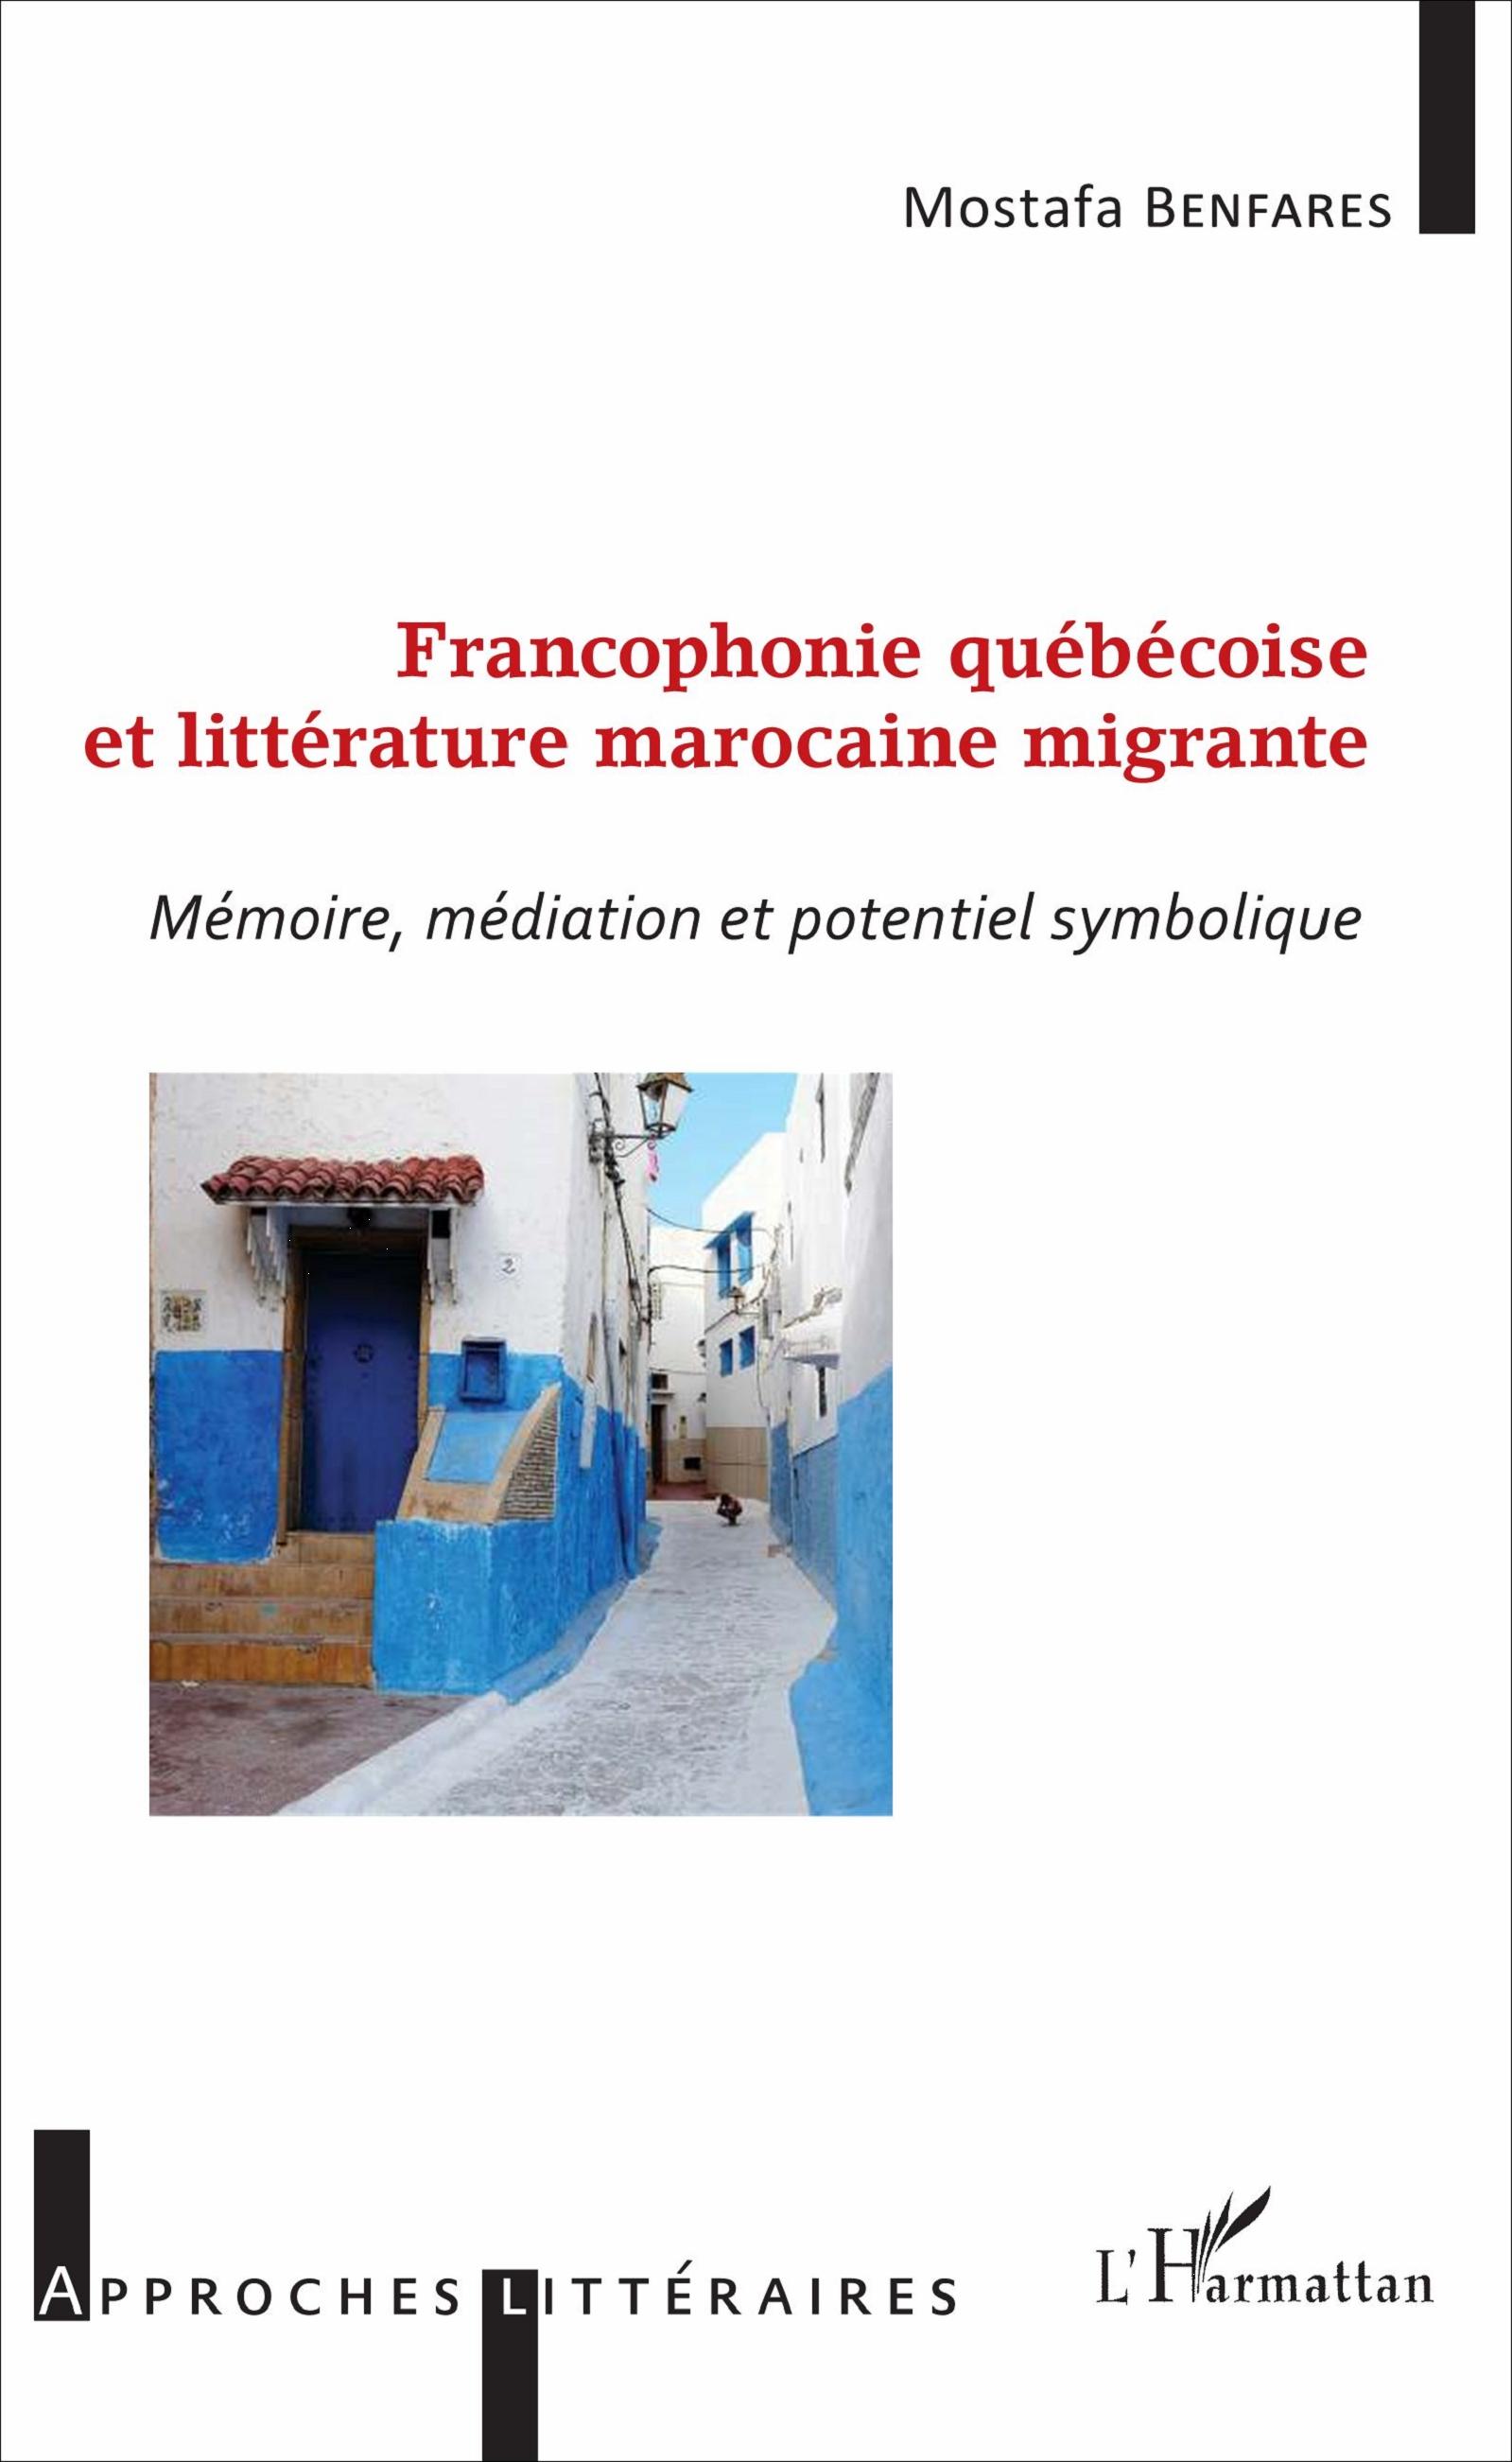 M. Benfares,Francophonie québécoise et littérature marocaine migrante